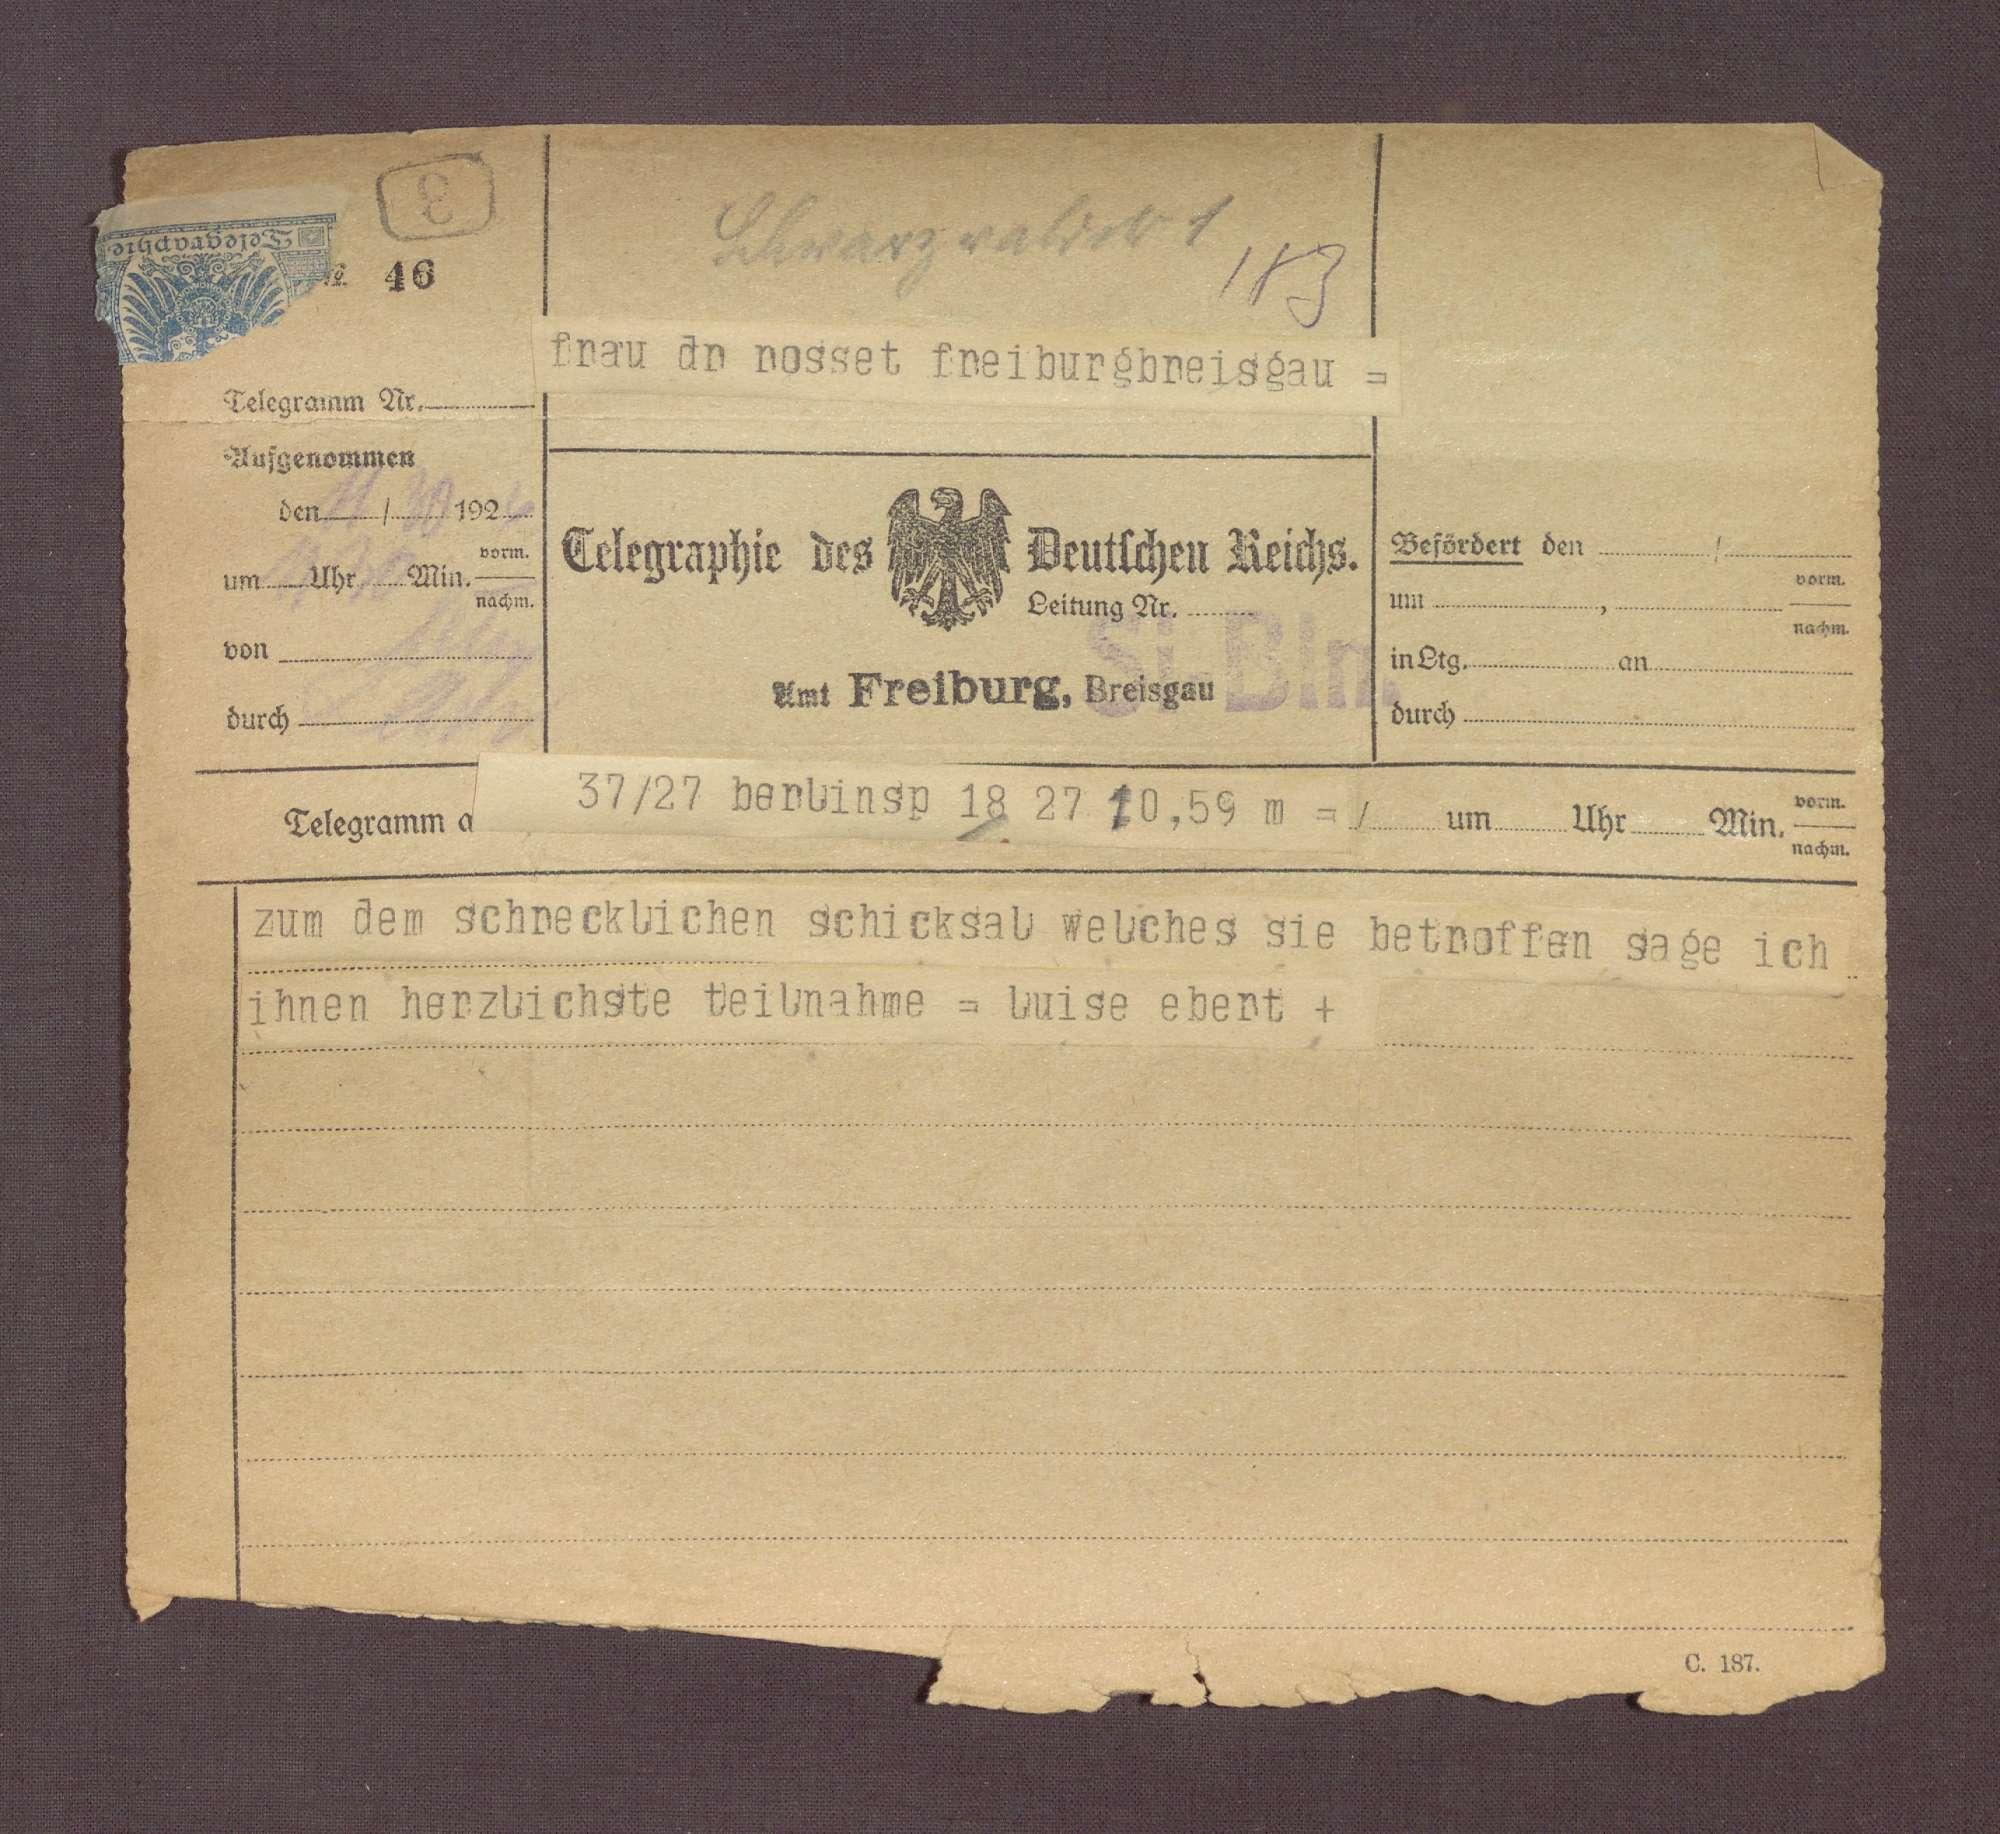 Beileidstelegramm von Louise Ebert zum Tod von Constantin Fehrenbach, Bild 1